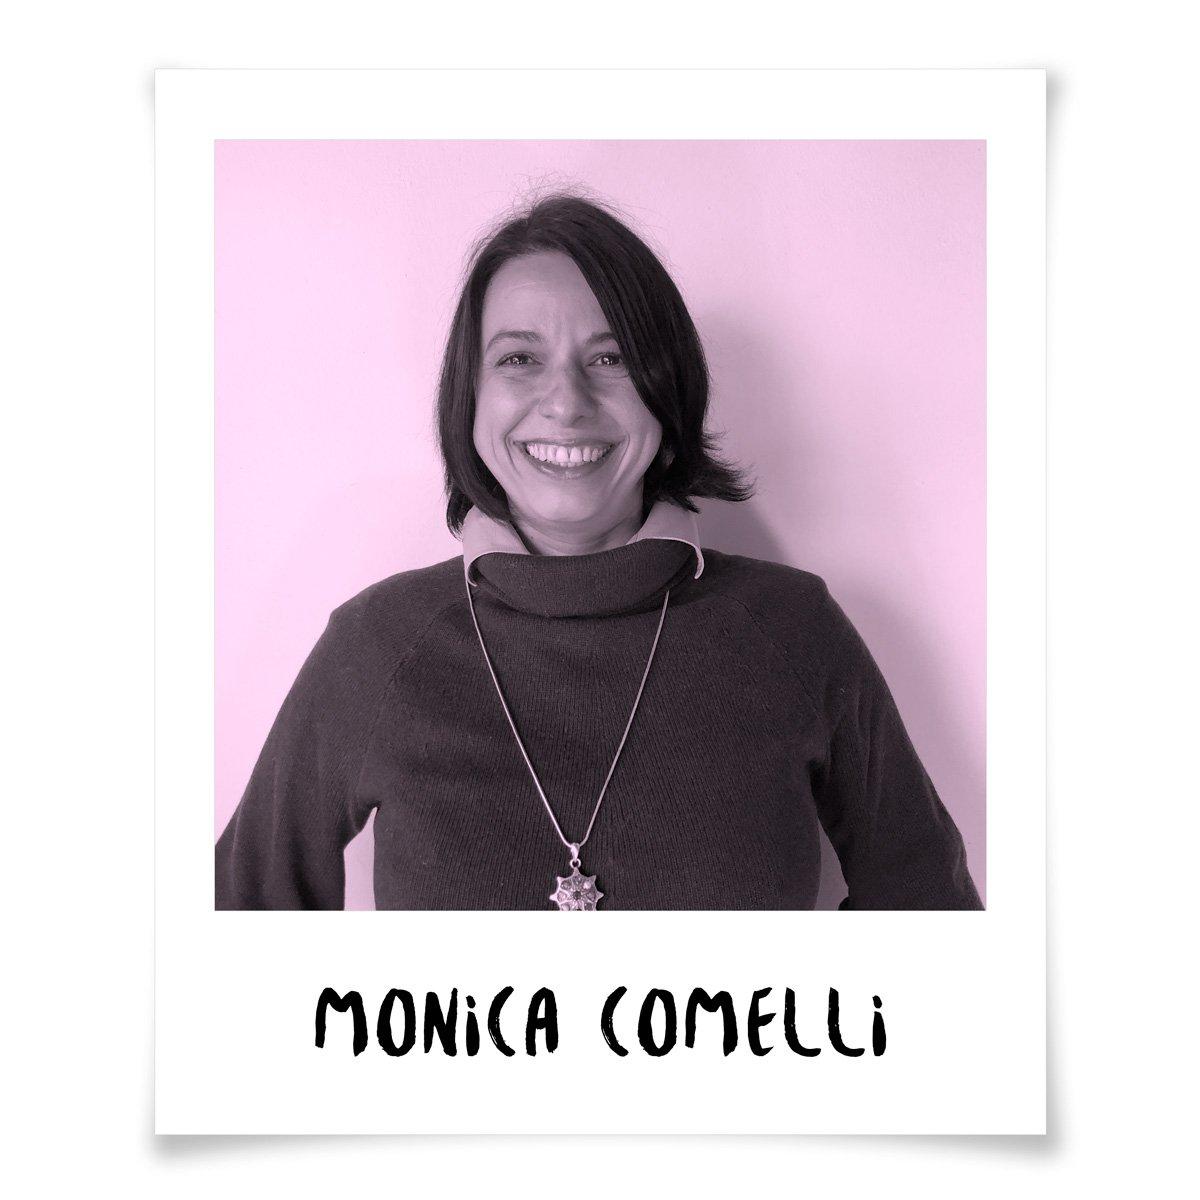 Monica_Comelli